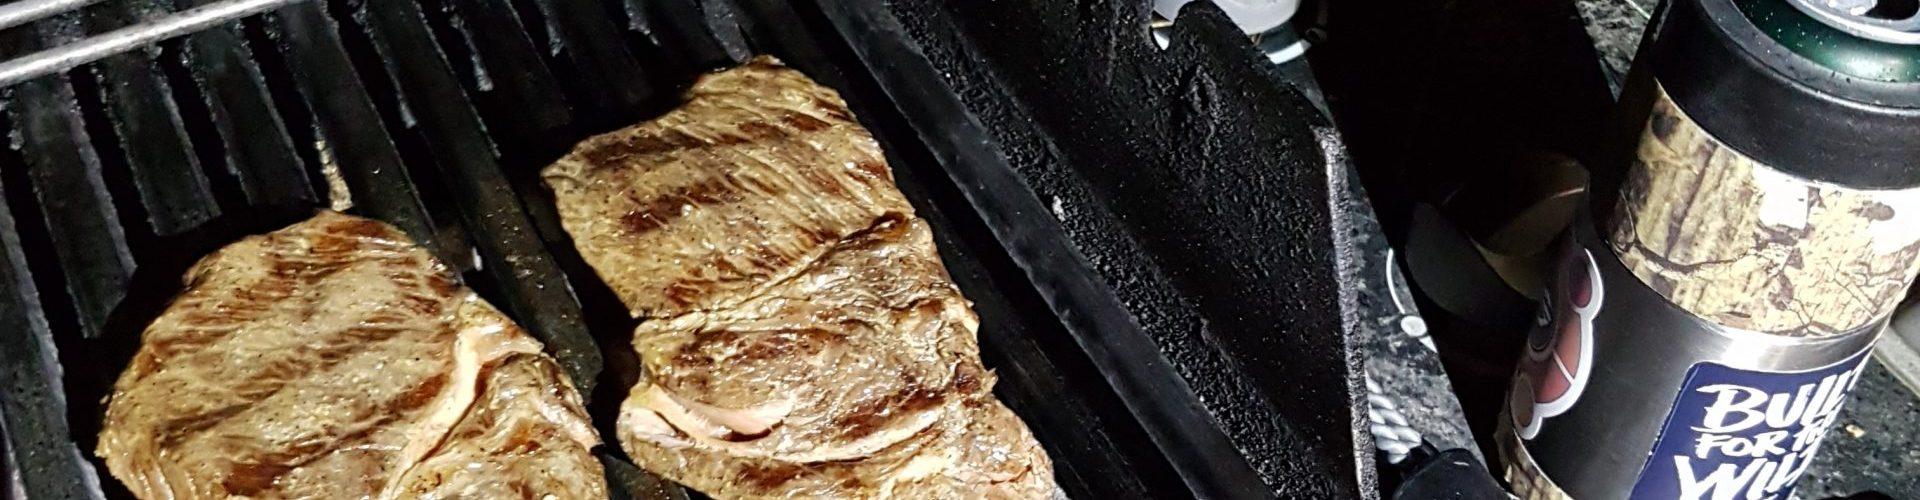 Kjøtt på grillen